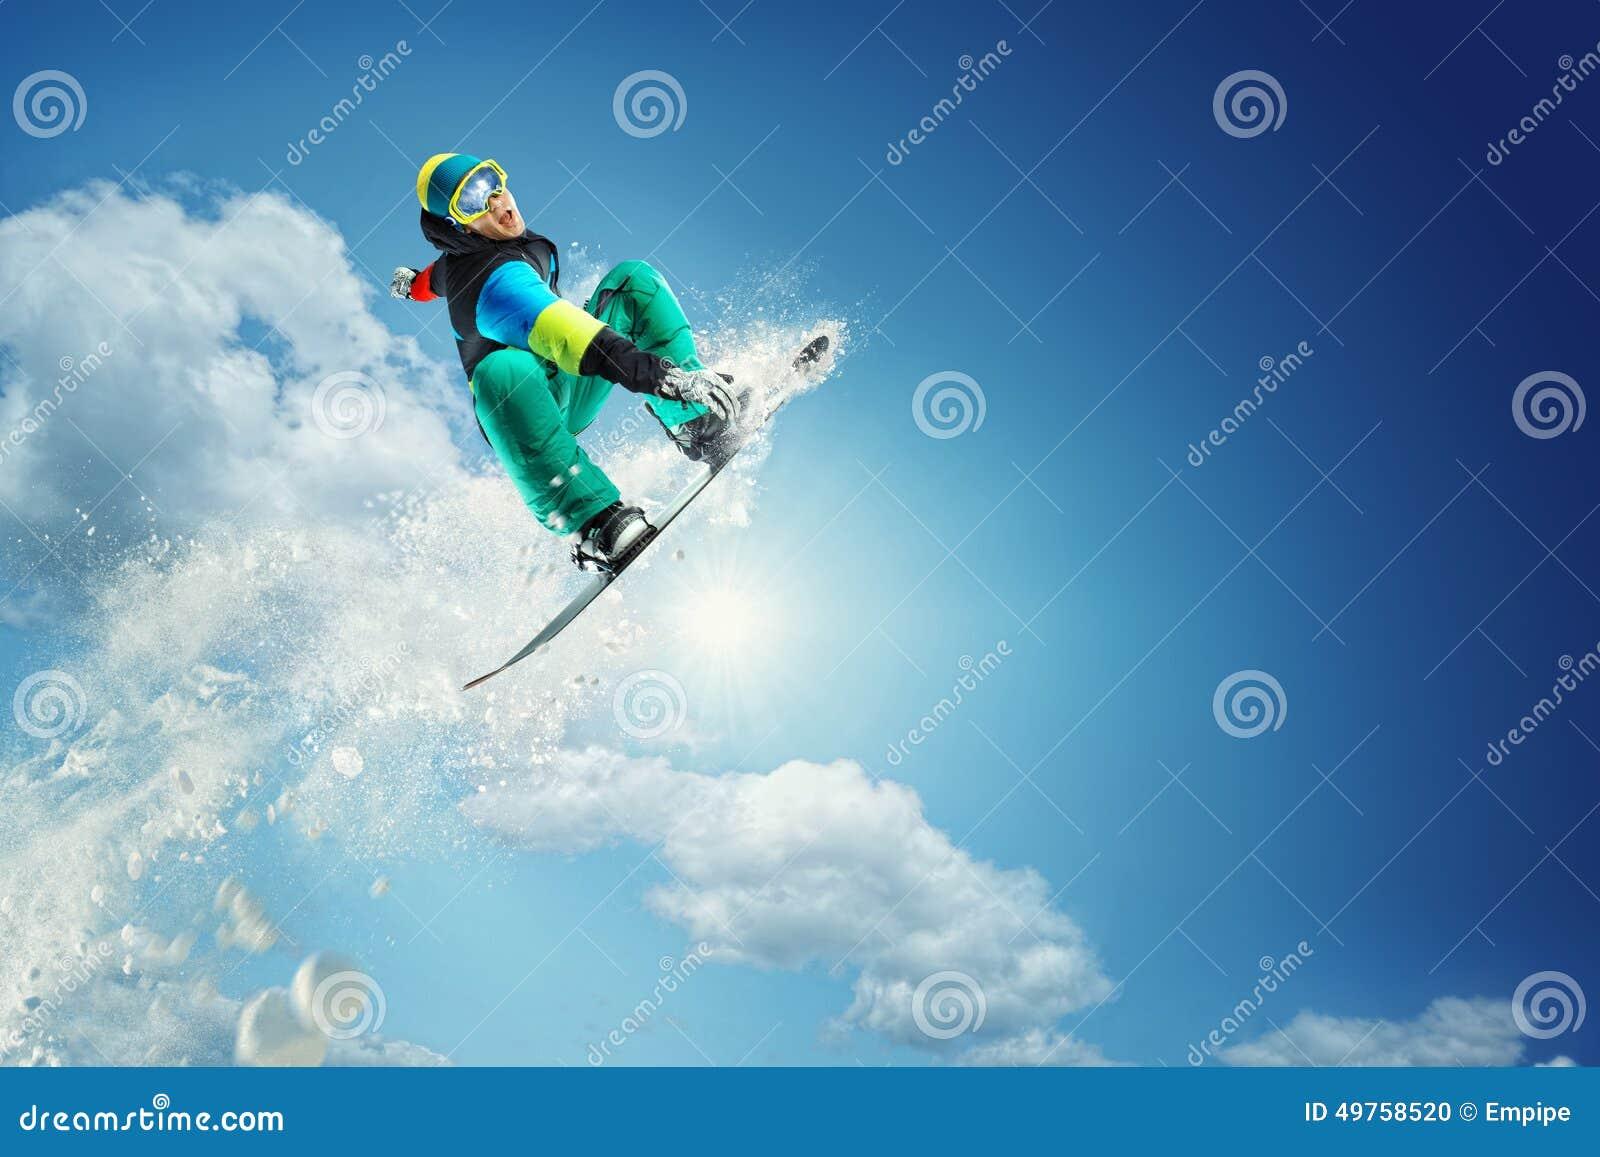 Fondo del deporte Snowboarder extremo